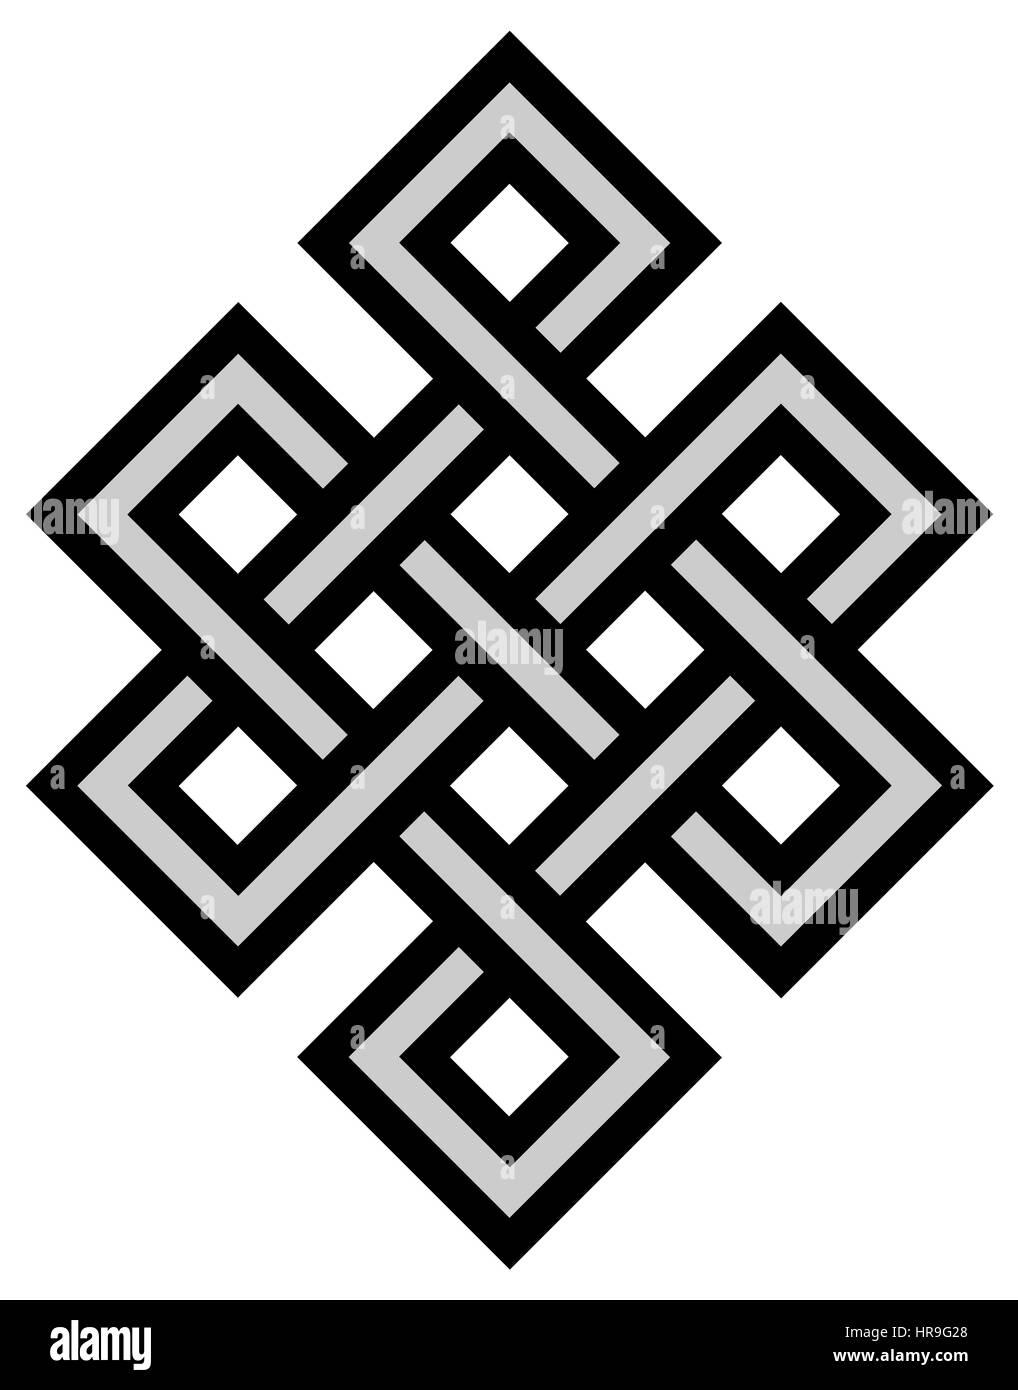 Léternité Tibétain Noeud Mystique Antique Symbole Religieux Banque